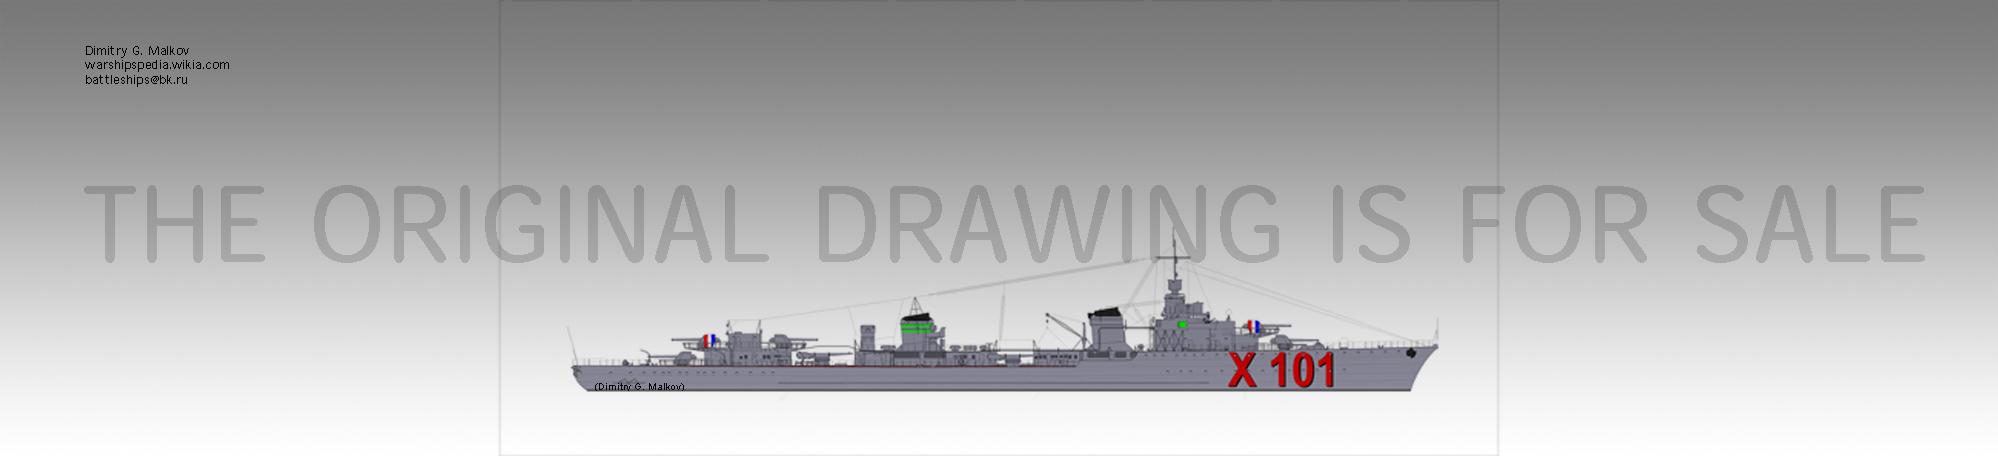 Mes dessins des navires francais - Page 6 Dd-fan10